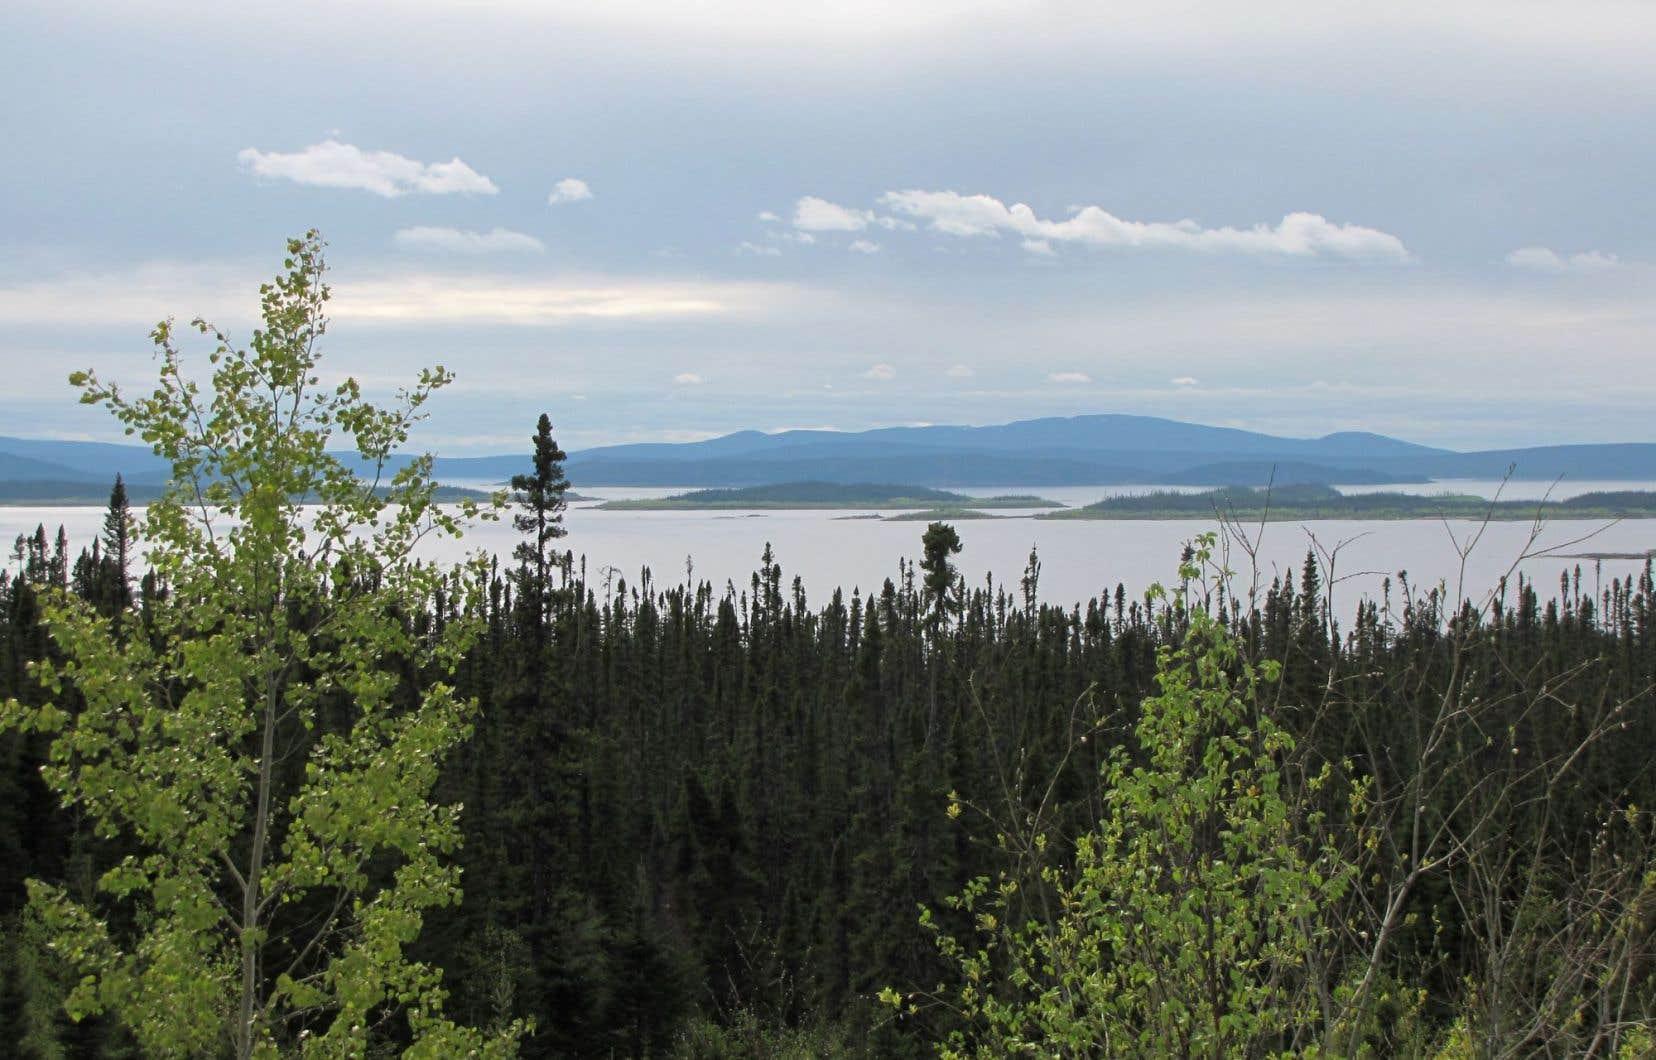 L'est du réservoir Manicouagan avec, au loin, l'île René-Levasseur